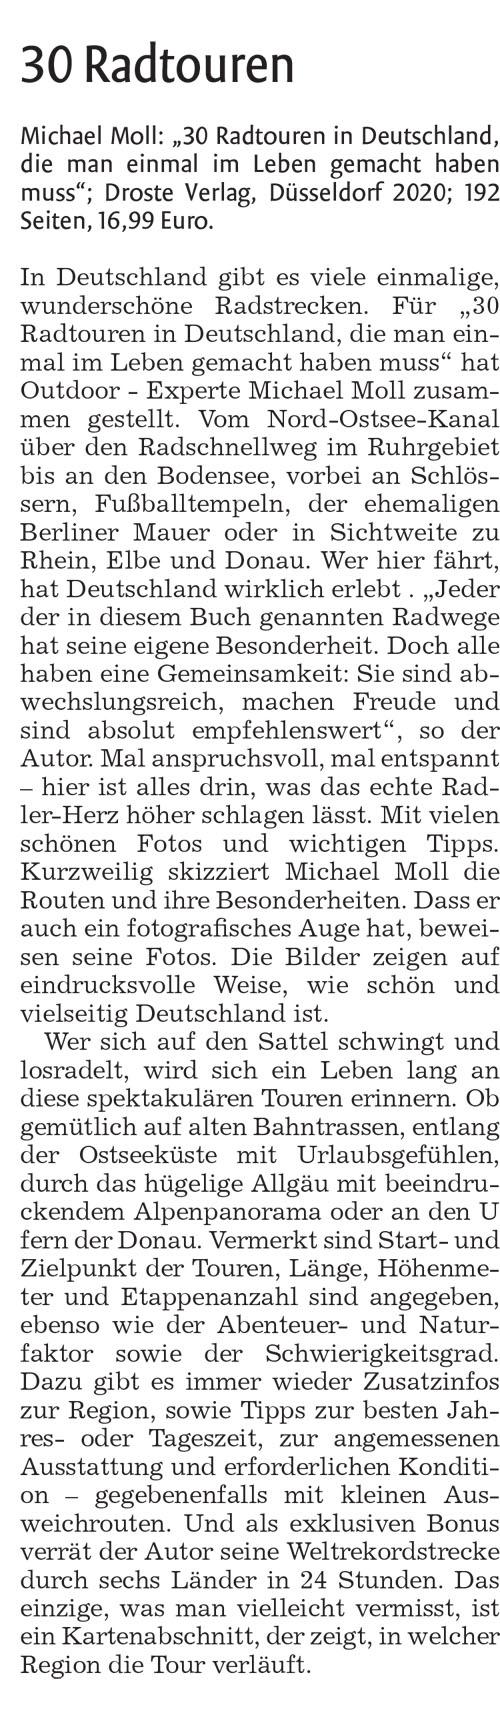 Nürtinger Zeitung vom 20. April 2020